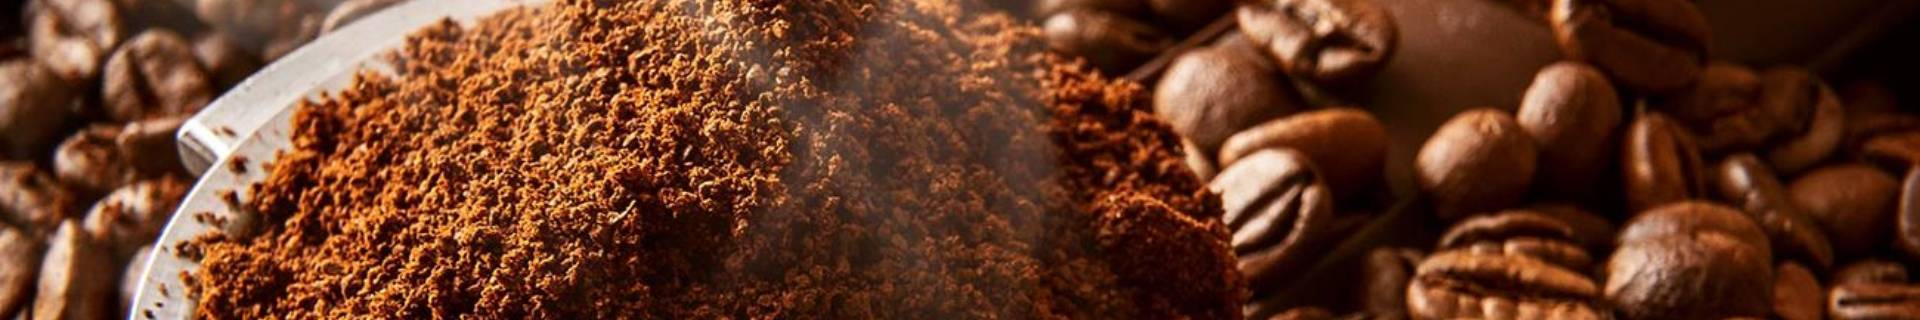 Decaf organic coffee - ECOLECTIA